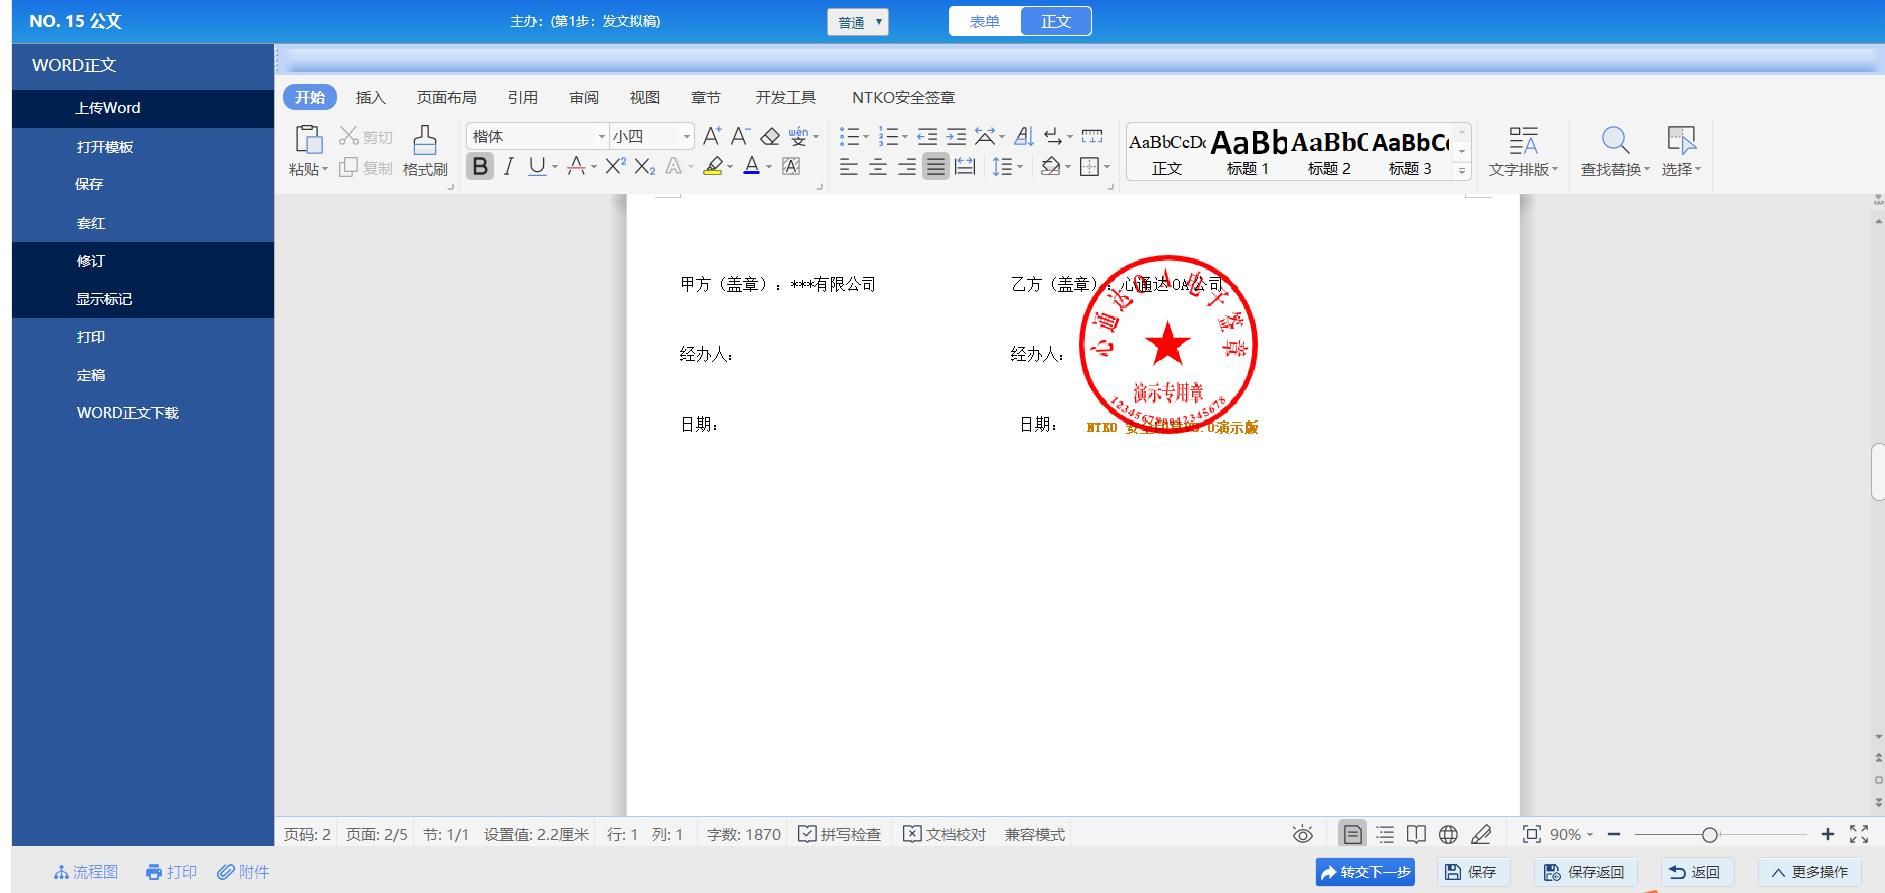 公文正文Office文档在线编辑及电子印章